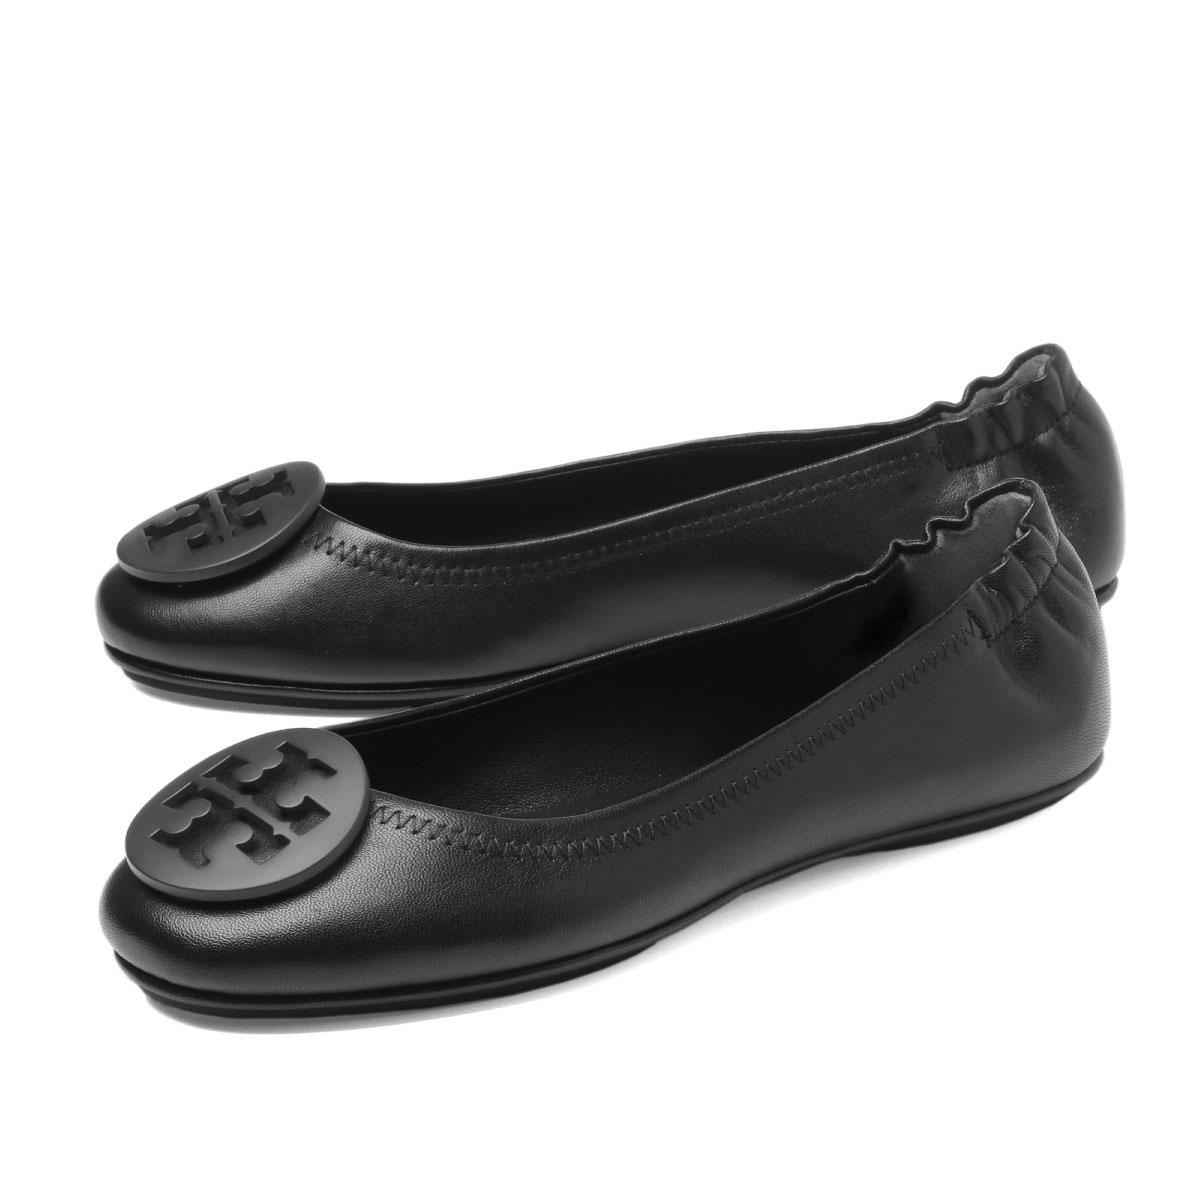 トリー バーチ TORY BURCH シューズ レディース 49350 006 バレエシューズ MINNIE ミニー PERFECT BLACK ブラック